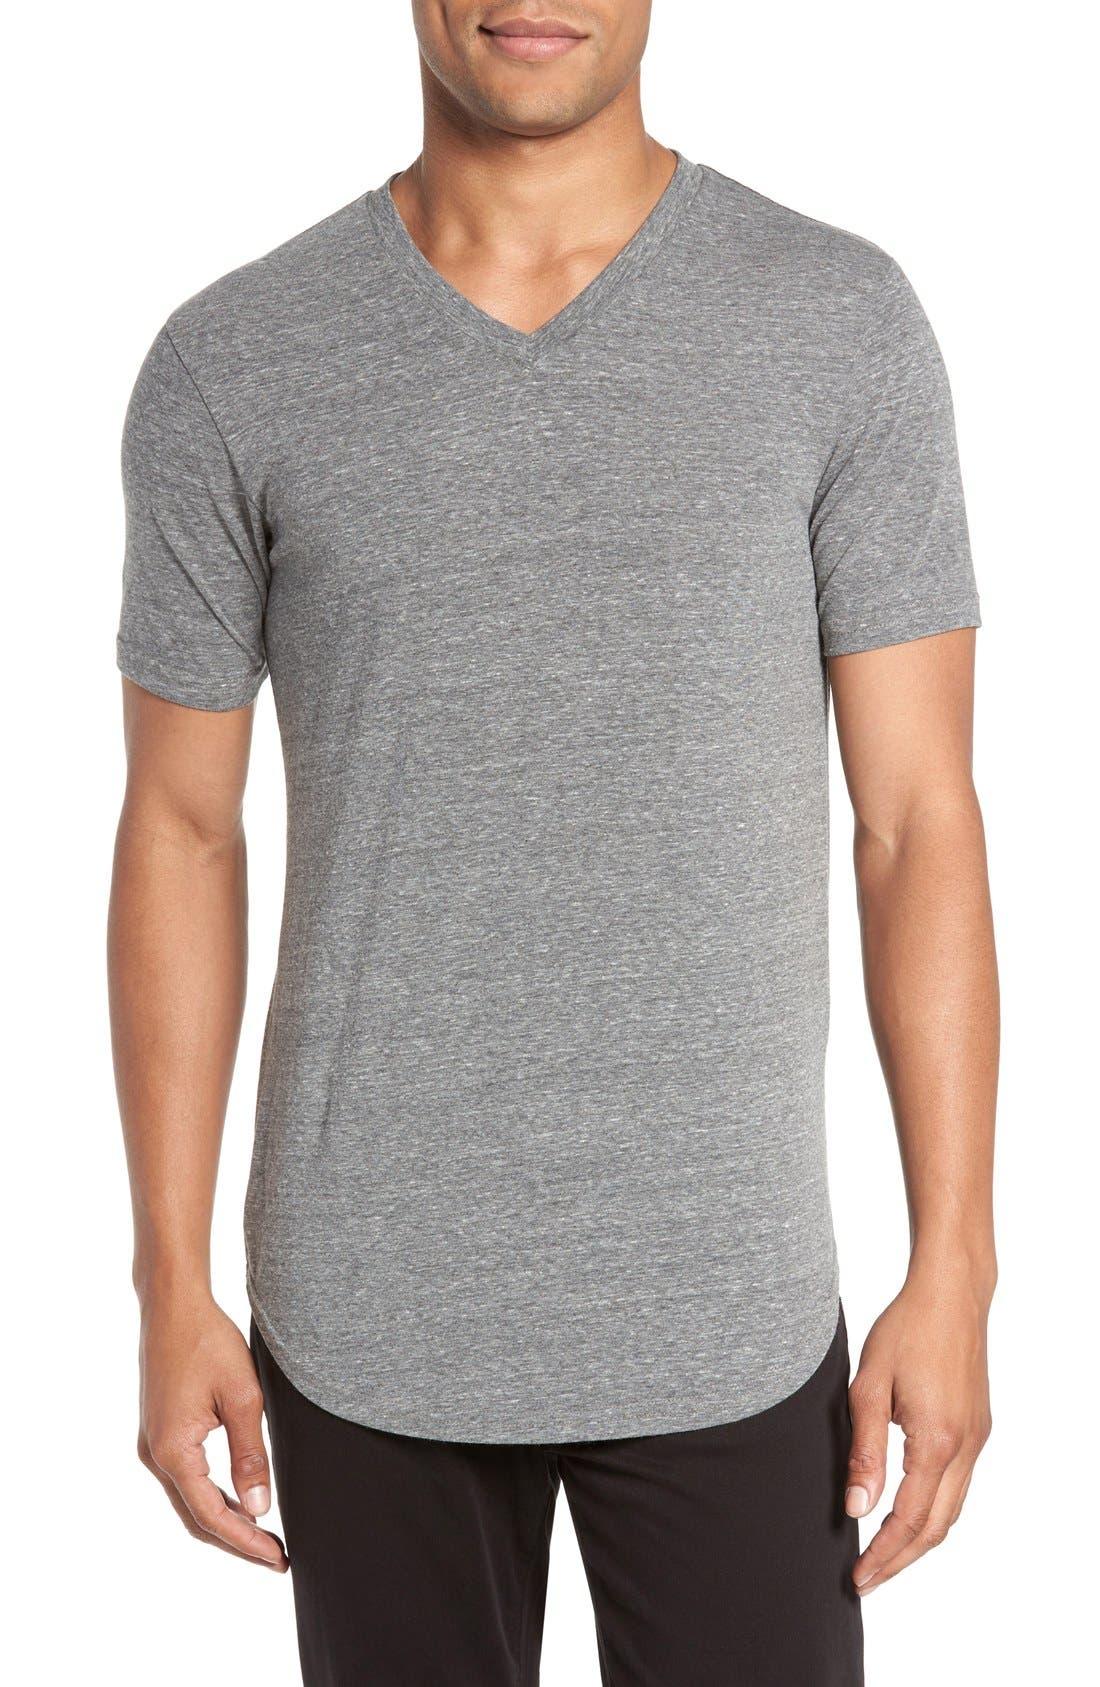 GOODLIFE Scalloped Hem V-Neck T-Shirt